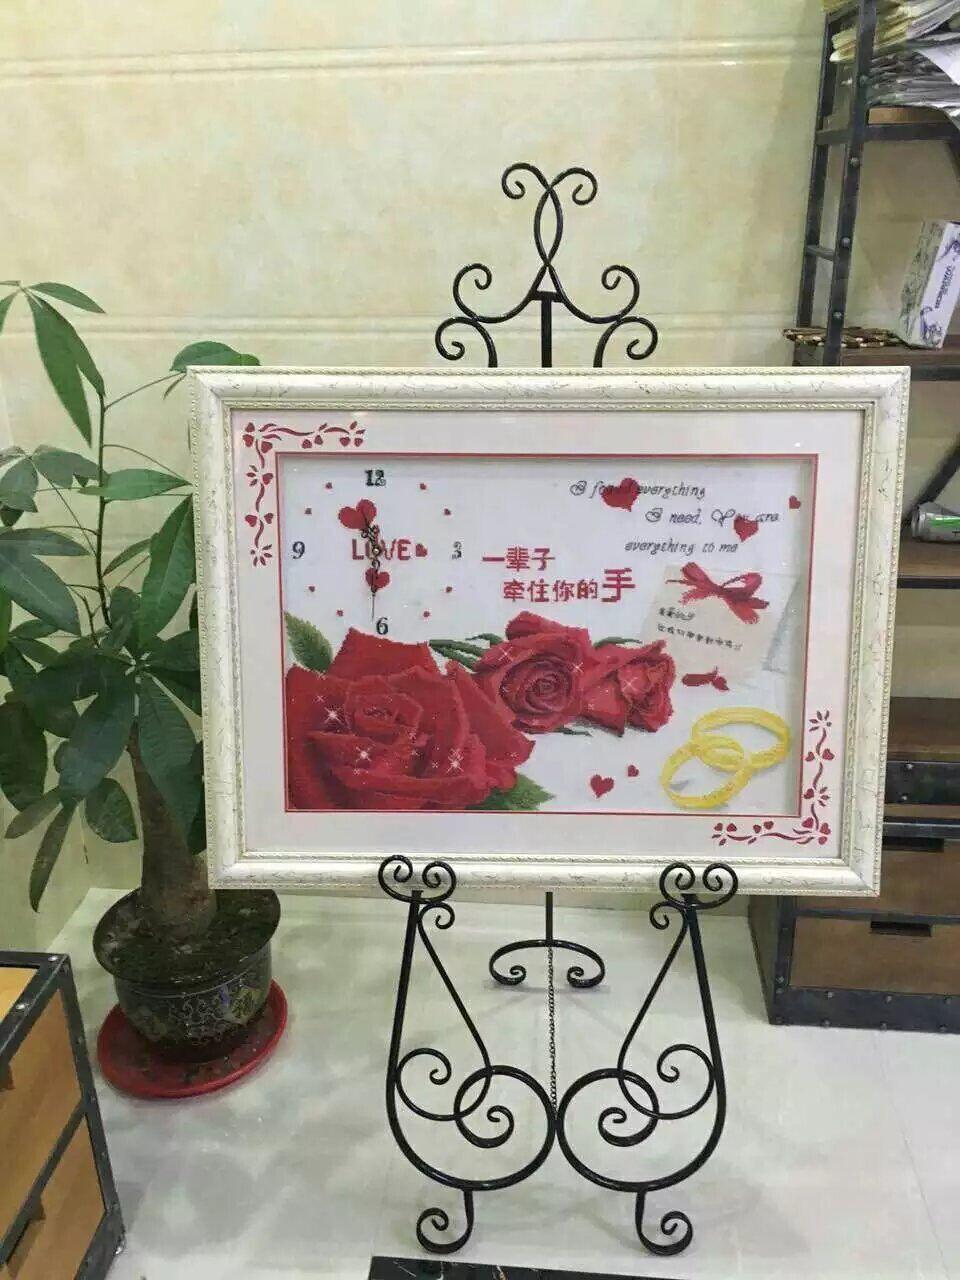 欧式铁艺油画架子相框架落地支架展示架 海报架照片托架婚庆画架